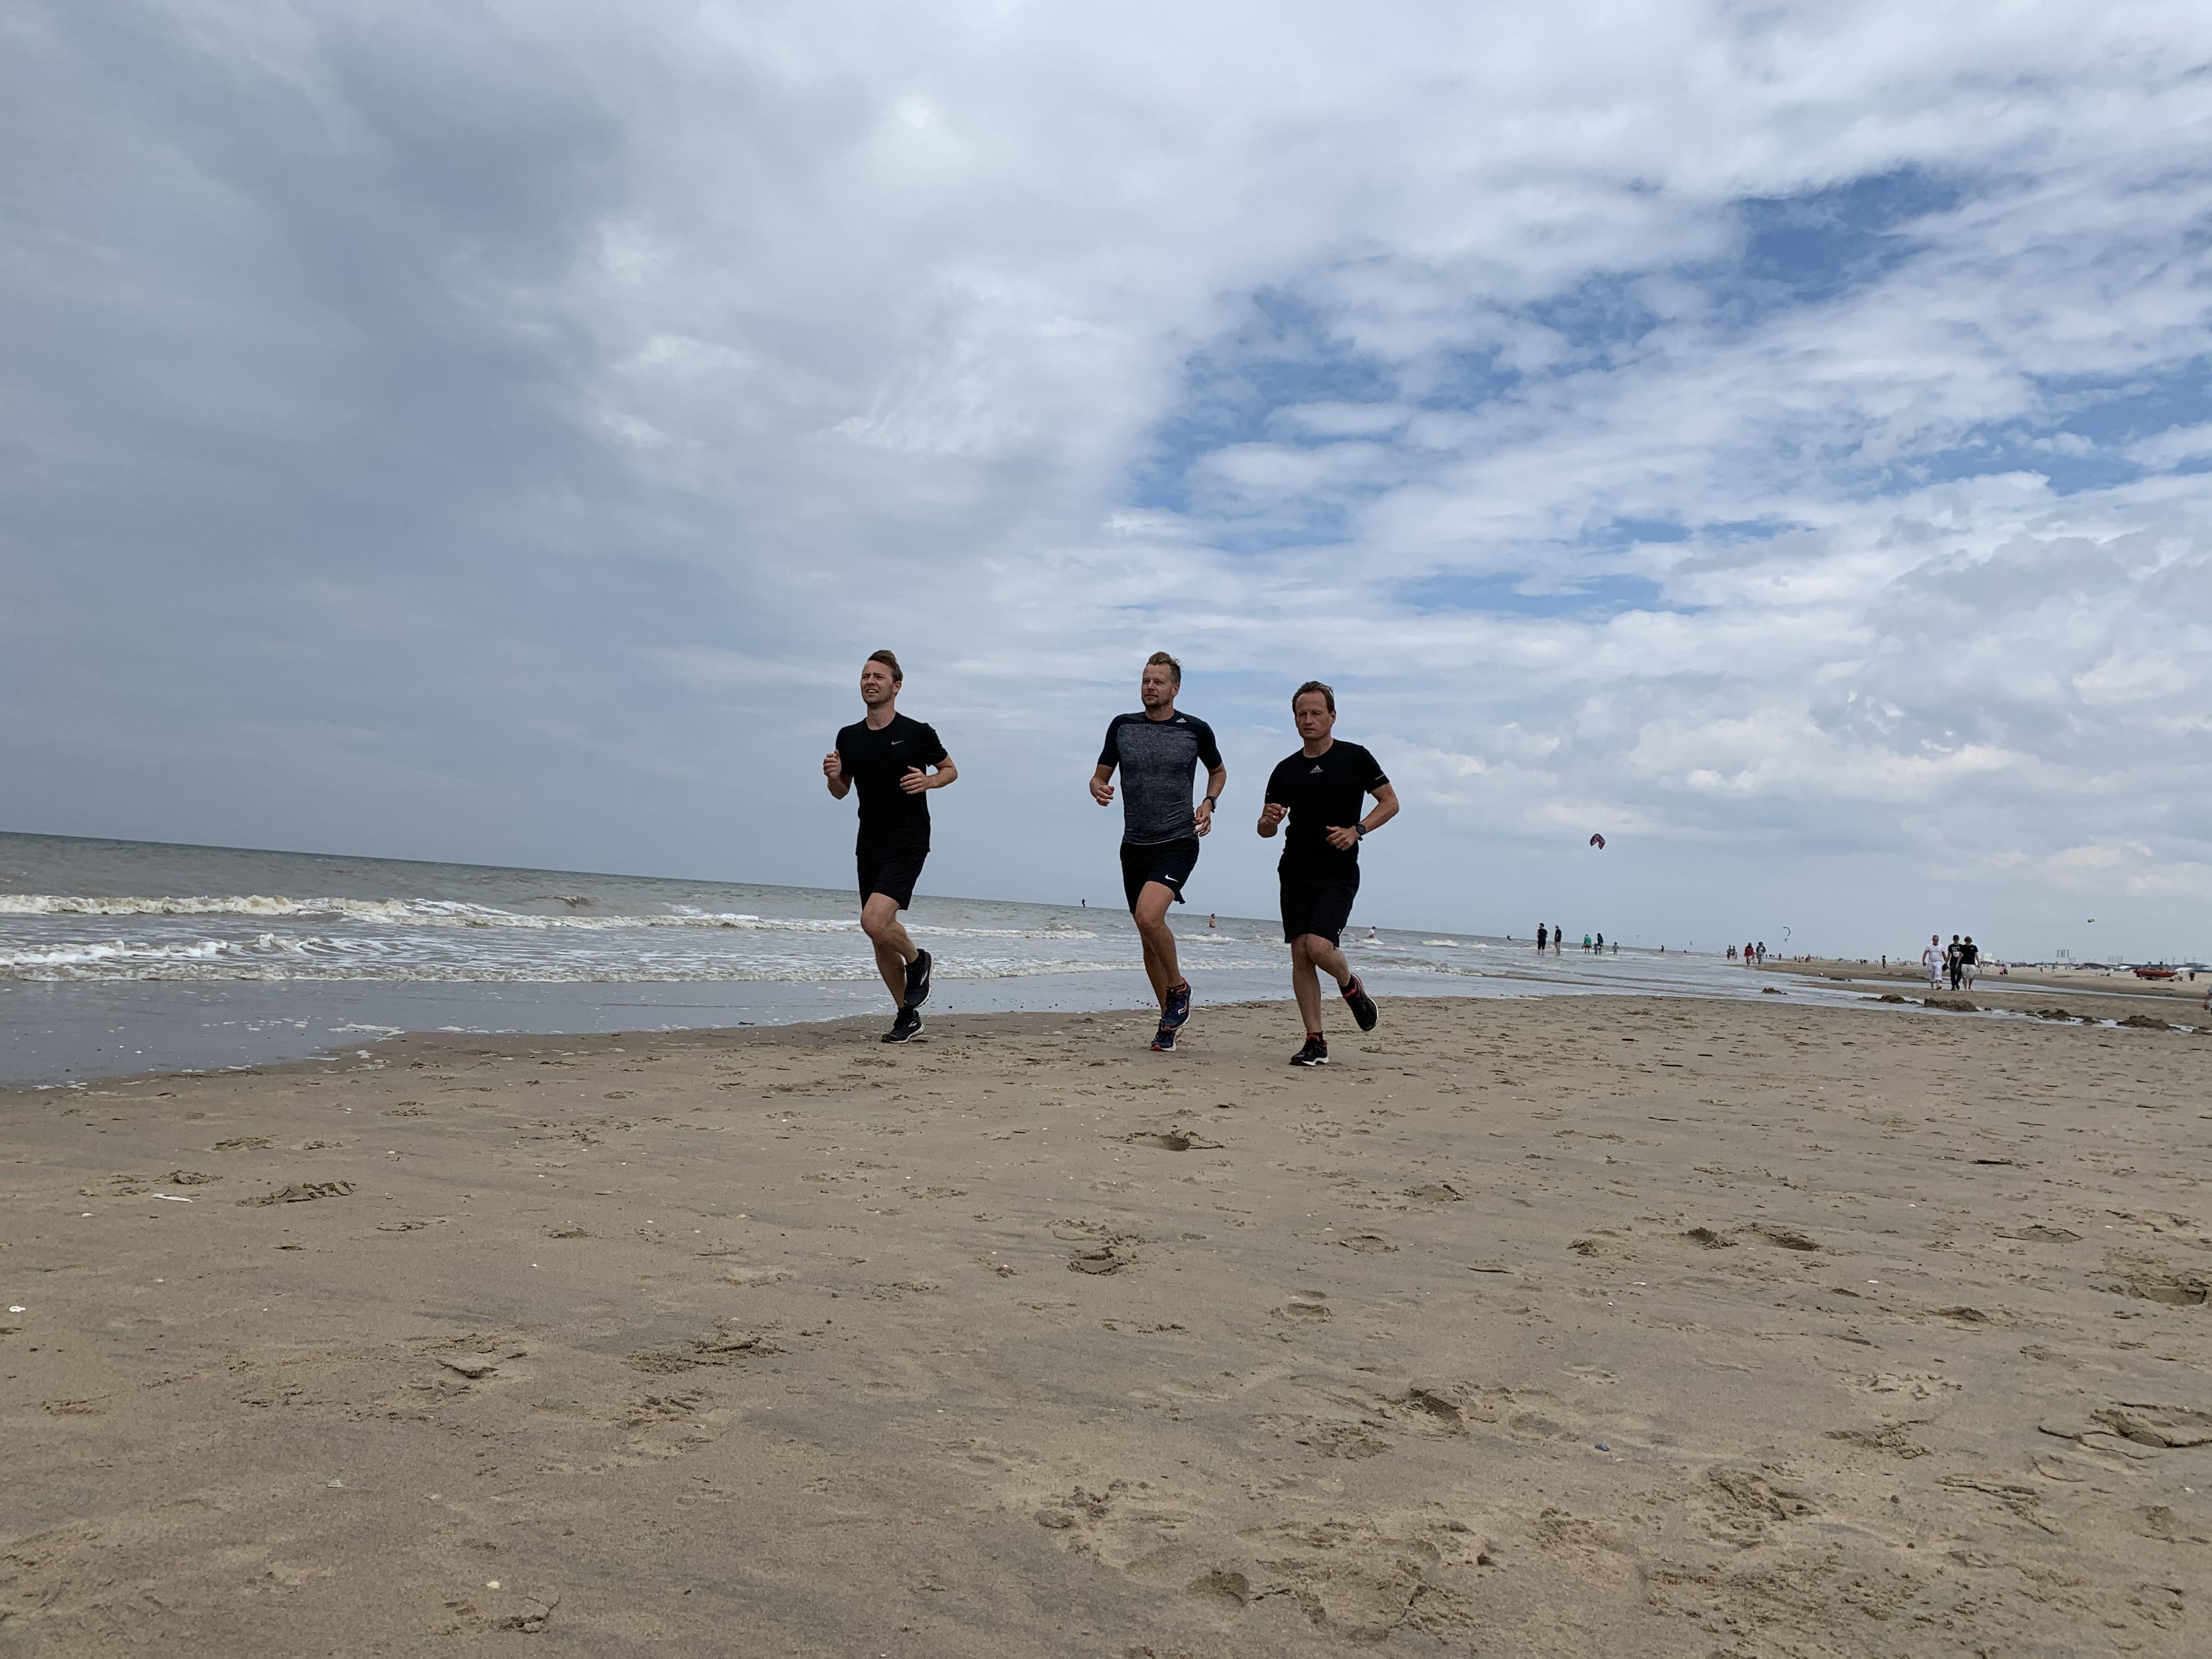 Zestig kilometer bikkelen over het strand voor Epilepsiefonds en Stichting Juul: 'Voor ons is het een eenmalige uitdaging, voor mensen met een aandoening een dagelijkse'